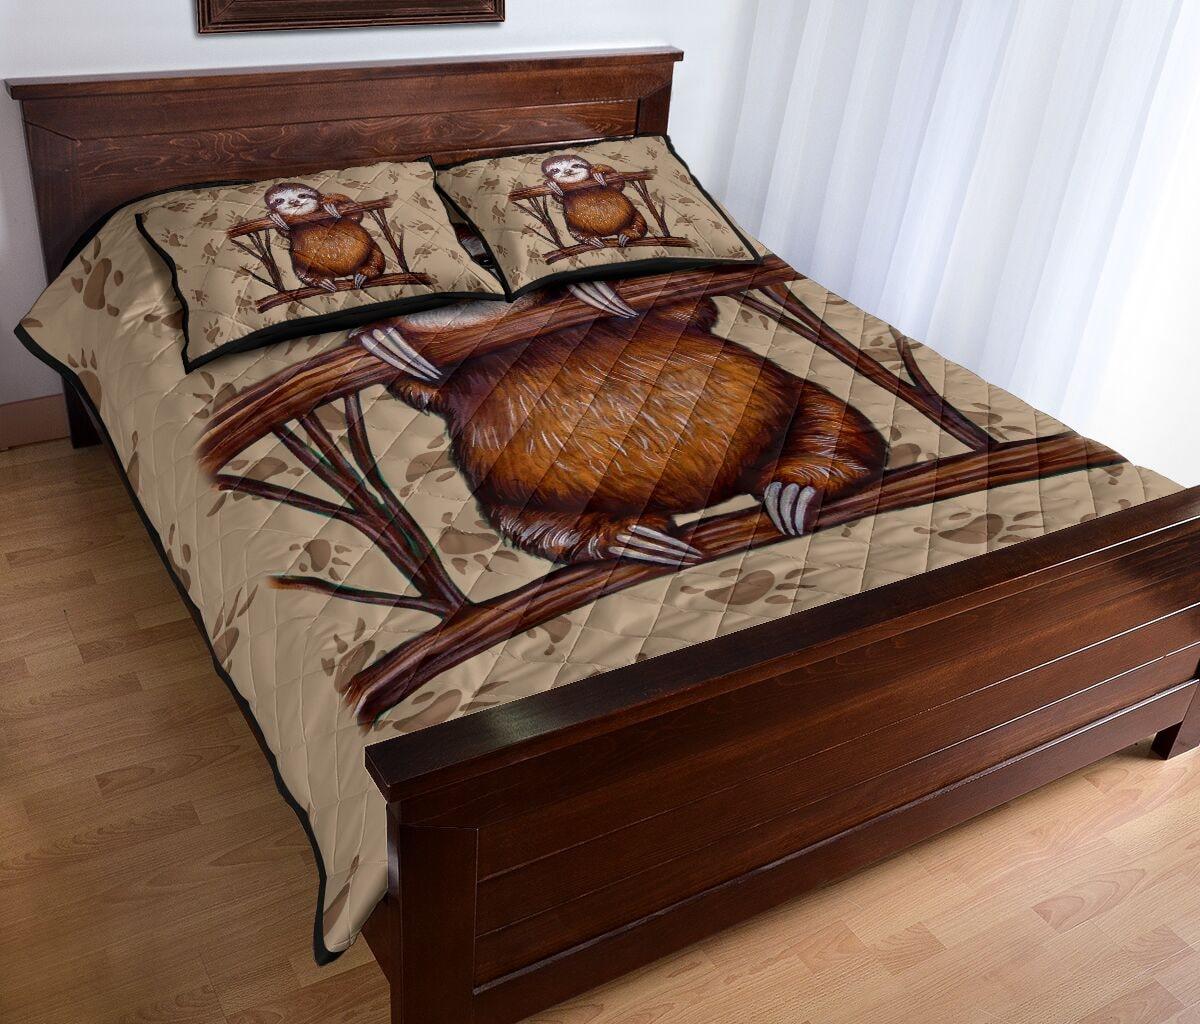 vintage sloth all over print bedding set 4